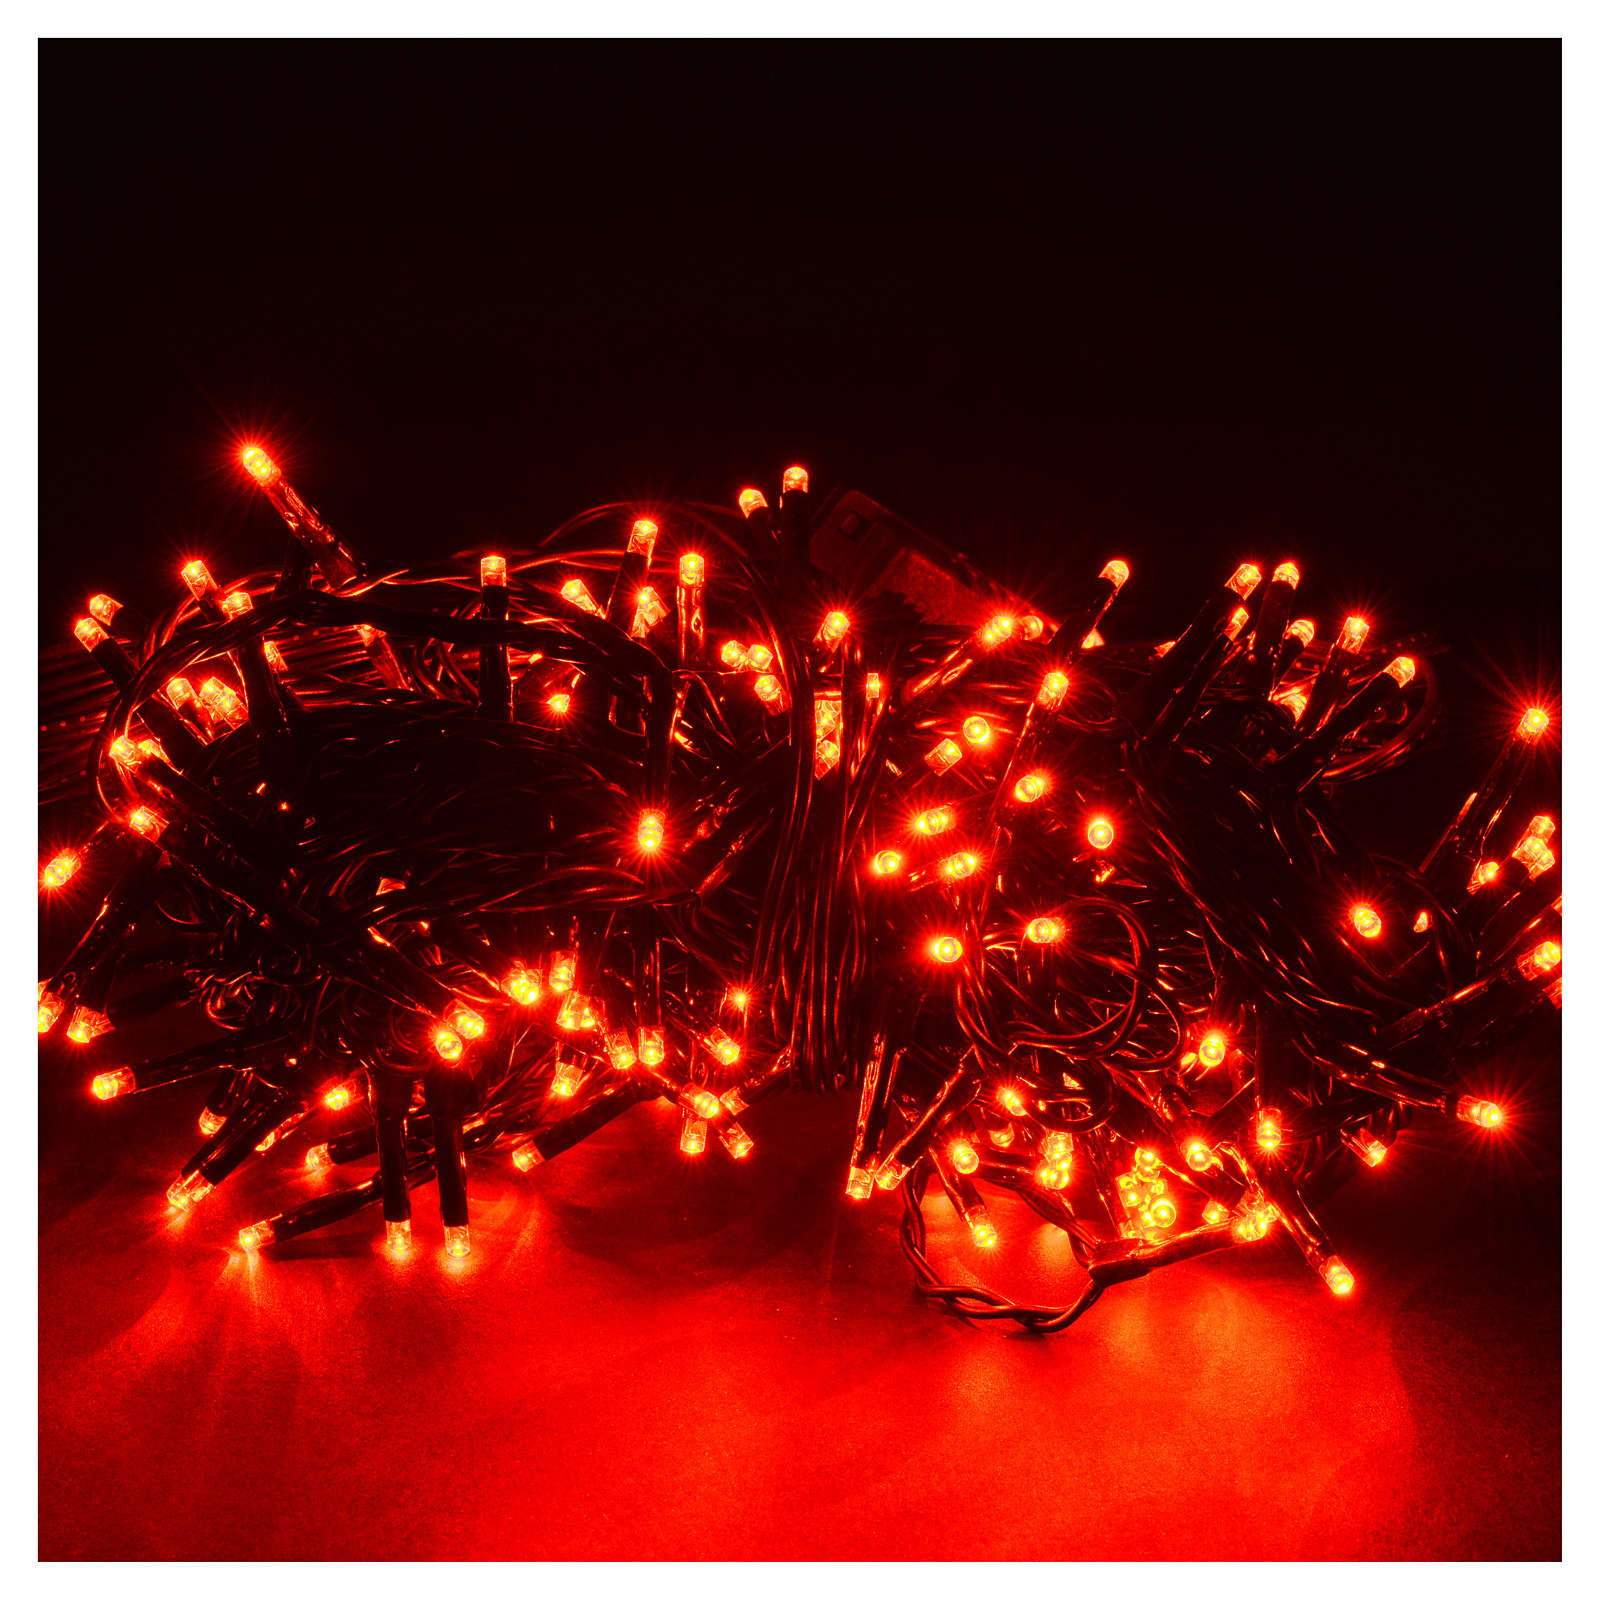 Éclairage de Noël 240 mini leds rouges ext/int programmables 3